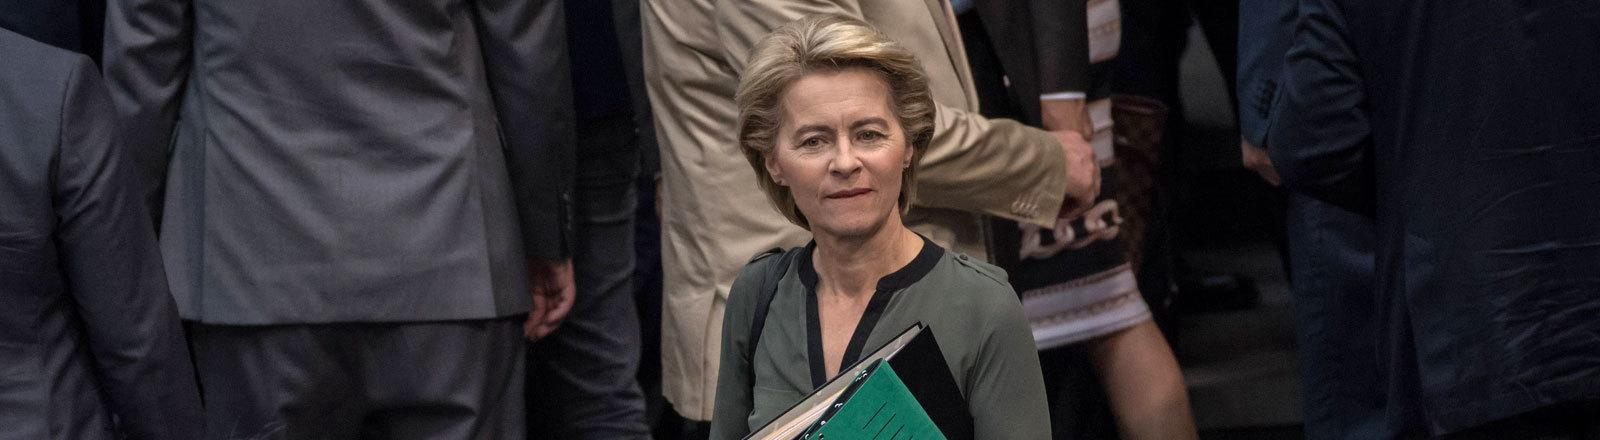 Bei einer Sitzung des deutschen Bundestags (28.06.2019) steht Verteidigungsministerin Ursula von der Leyen zwischen anderen Politikern.